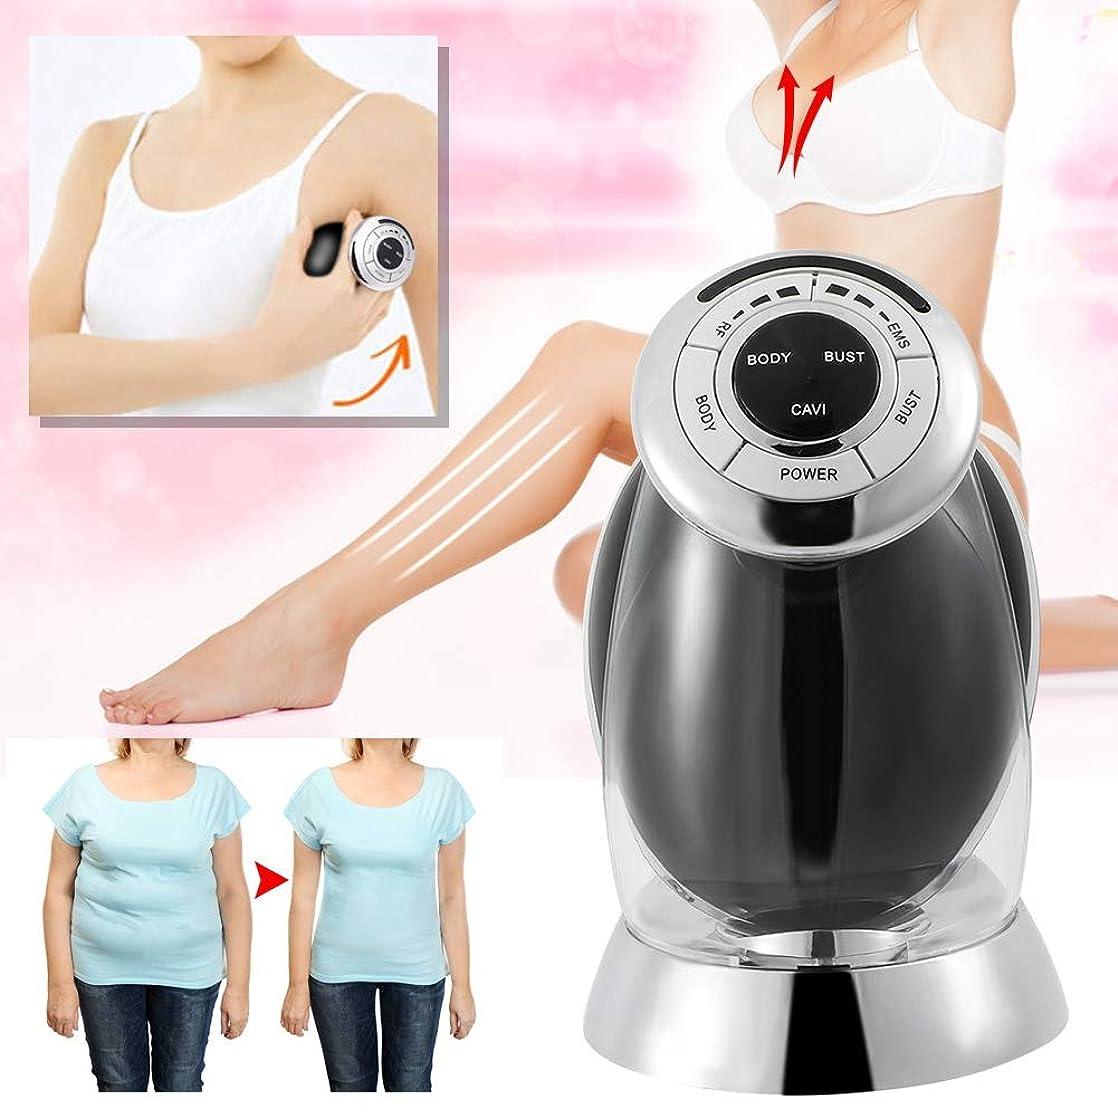 流体行方不明トランクライブラリ胸美容ツール、ボディ痩身マシン、EMS RF脂肪燃焼マシン、痩身ボディ、乳房脂肪美容機器の燃焼用(AU)